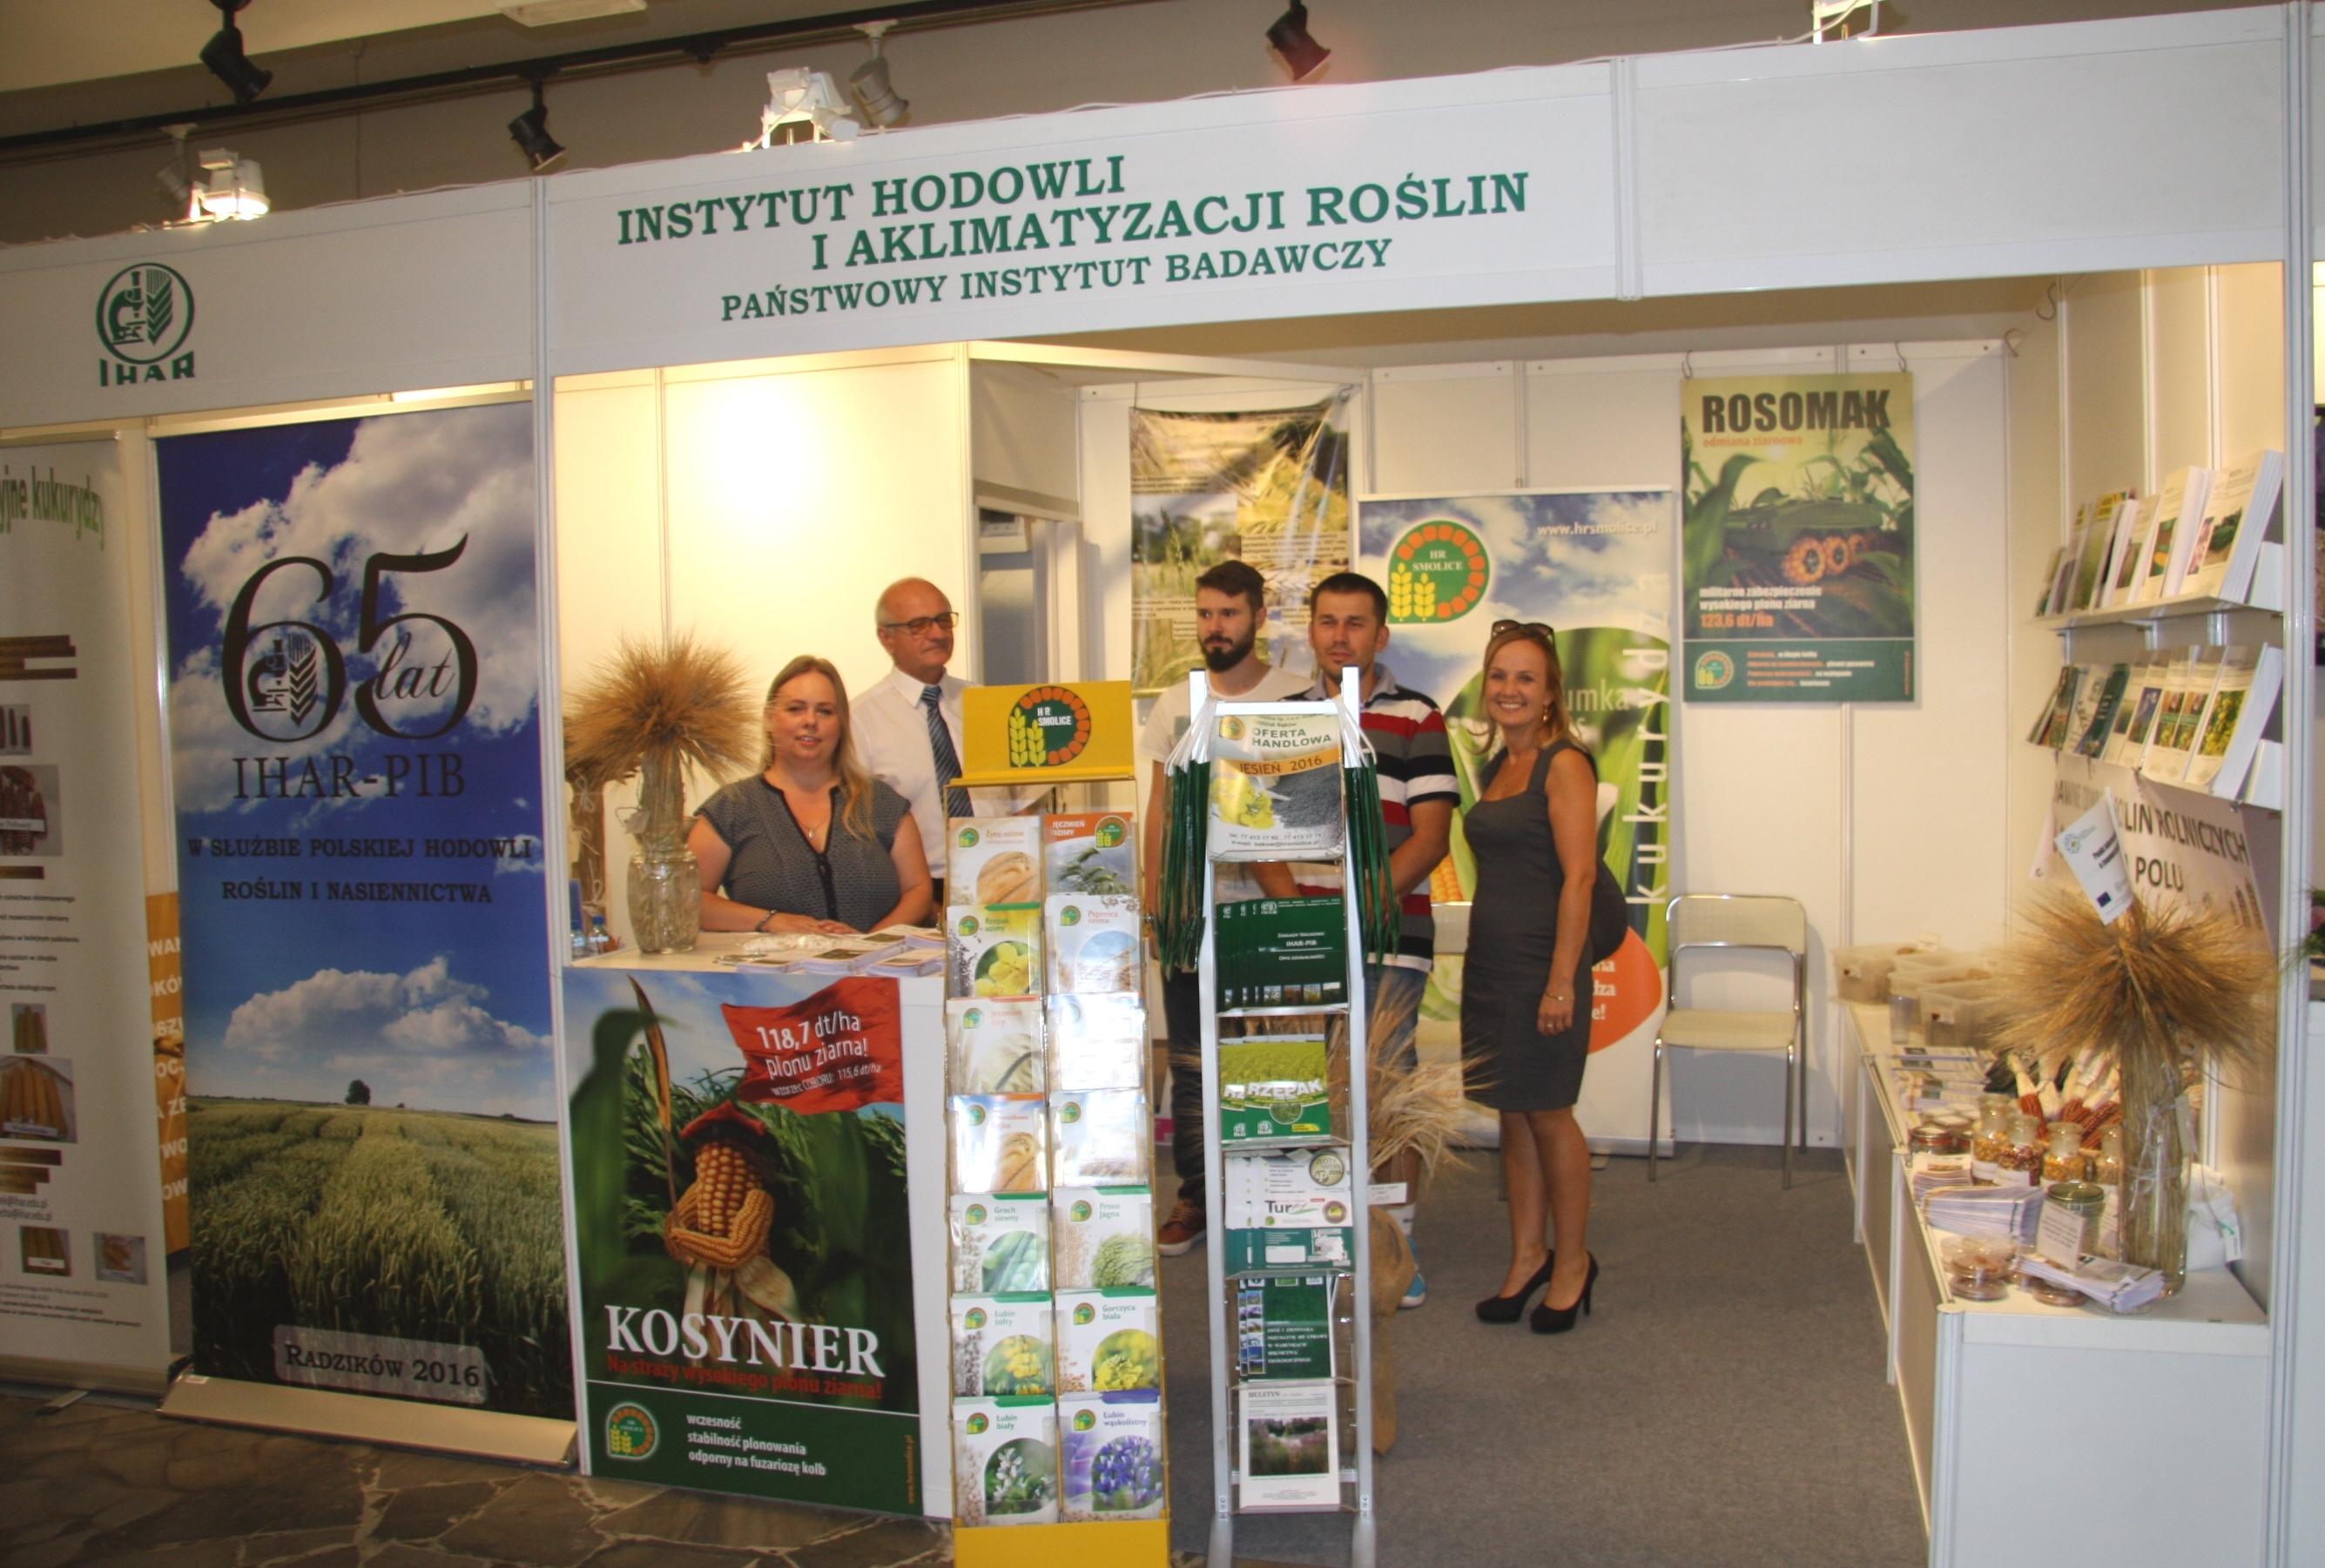 Dożynki Jasnogórskie 2016 -  XXV Krajowa Wystawa Rolnicza